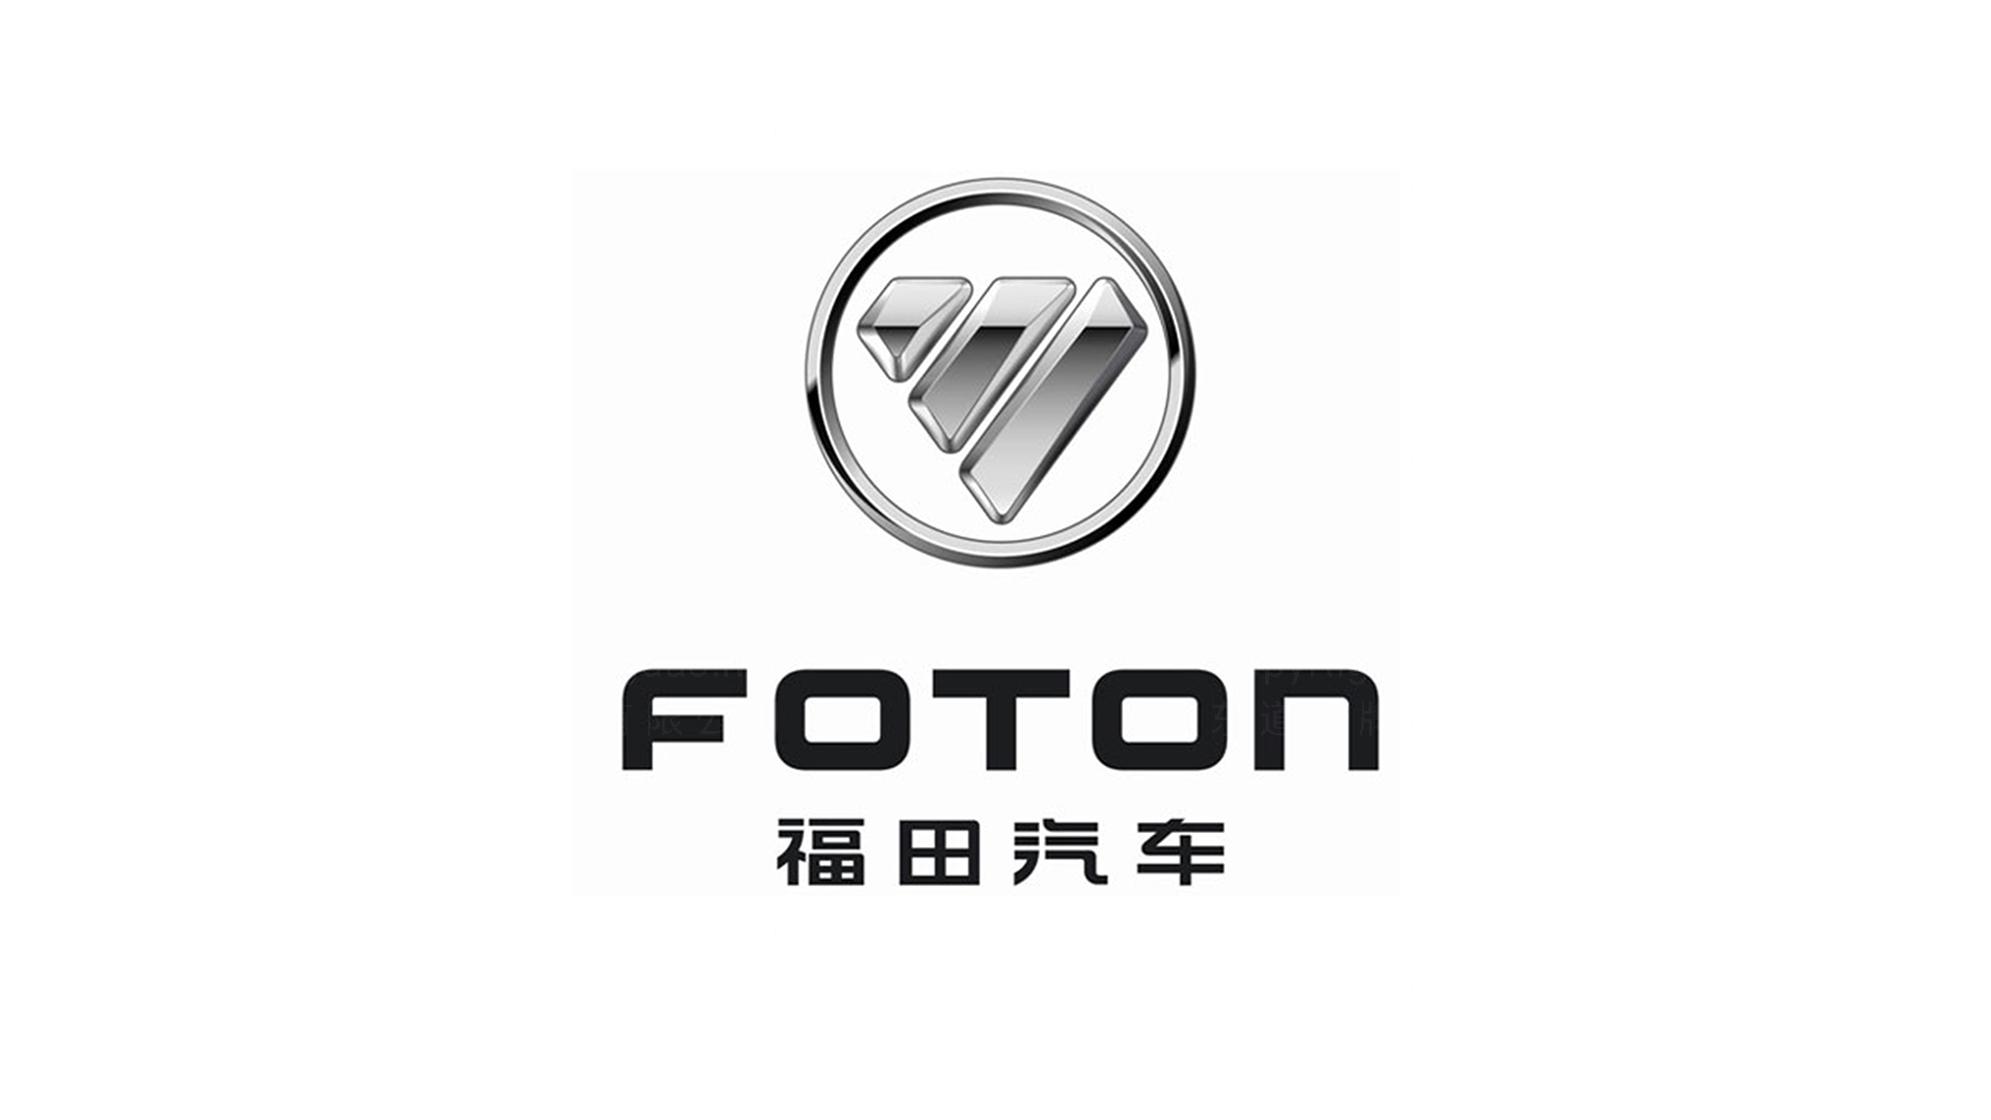 汽车业品牌设计福田汽车LOGO&VI设计